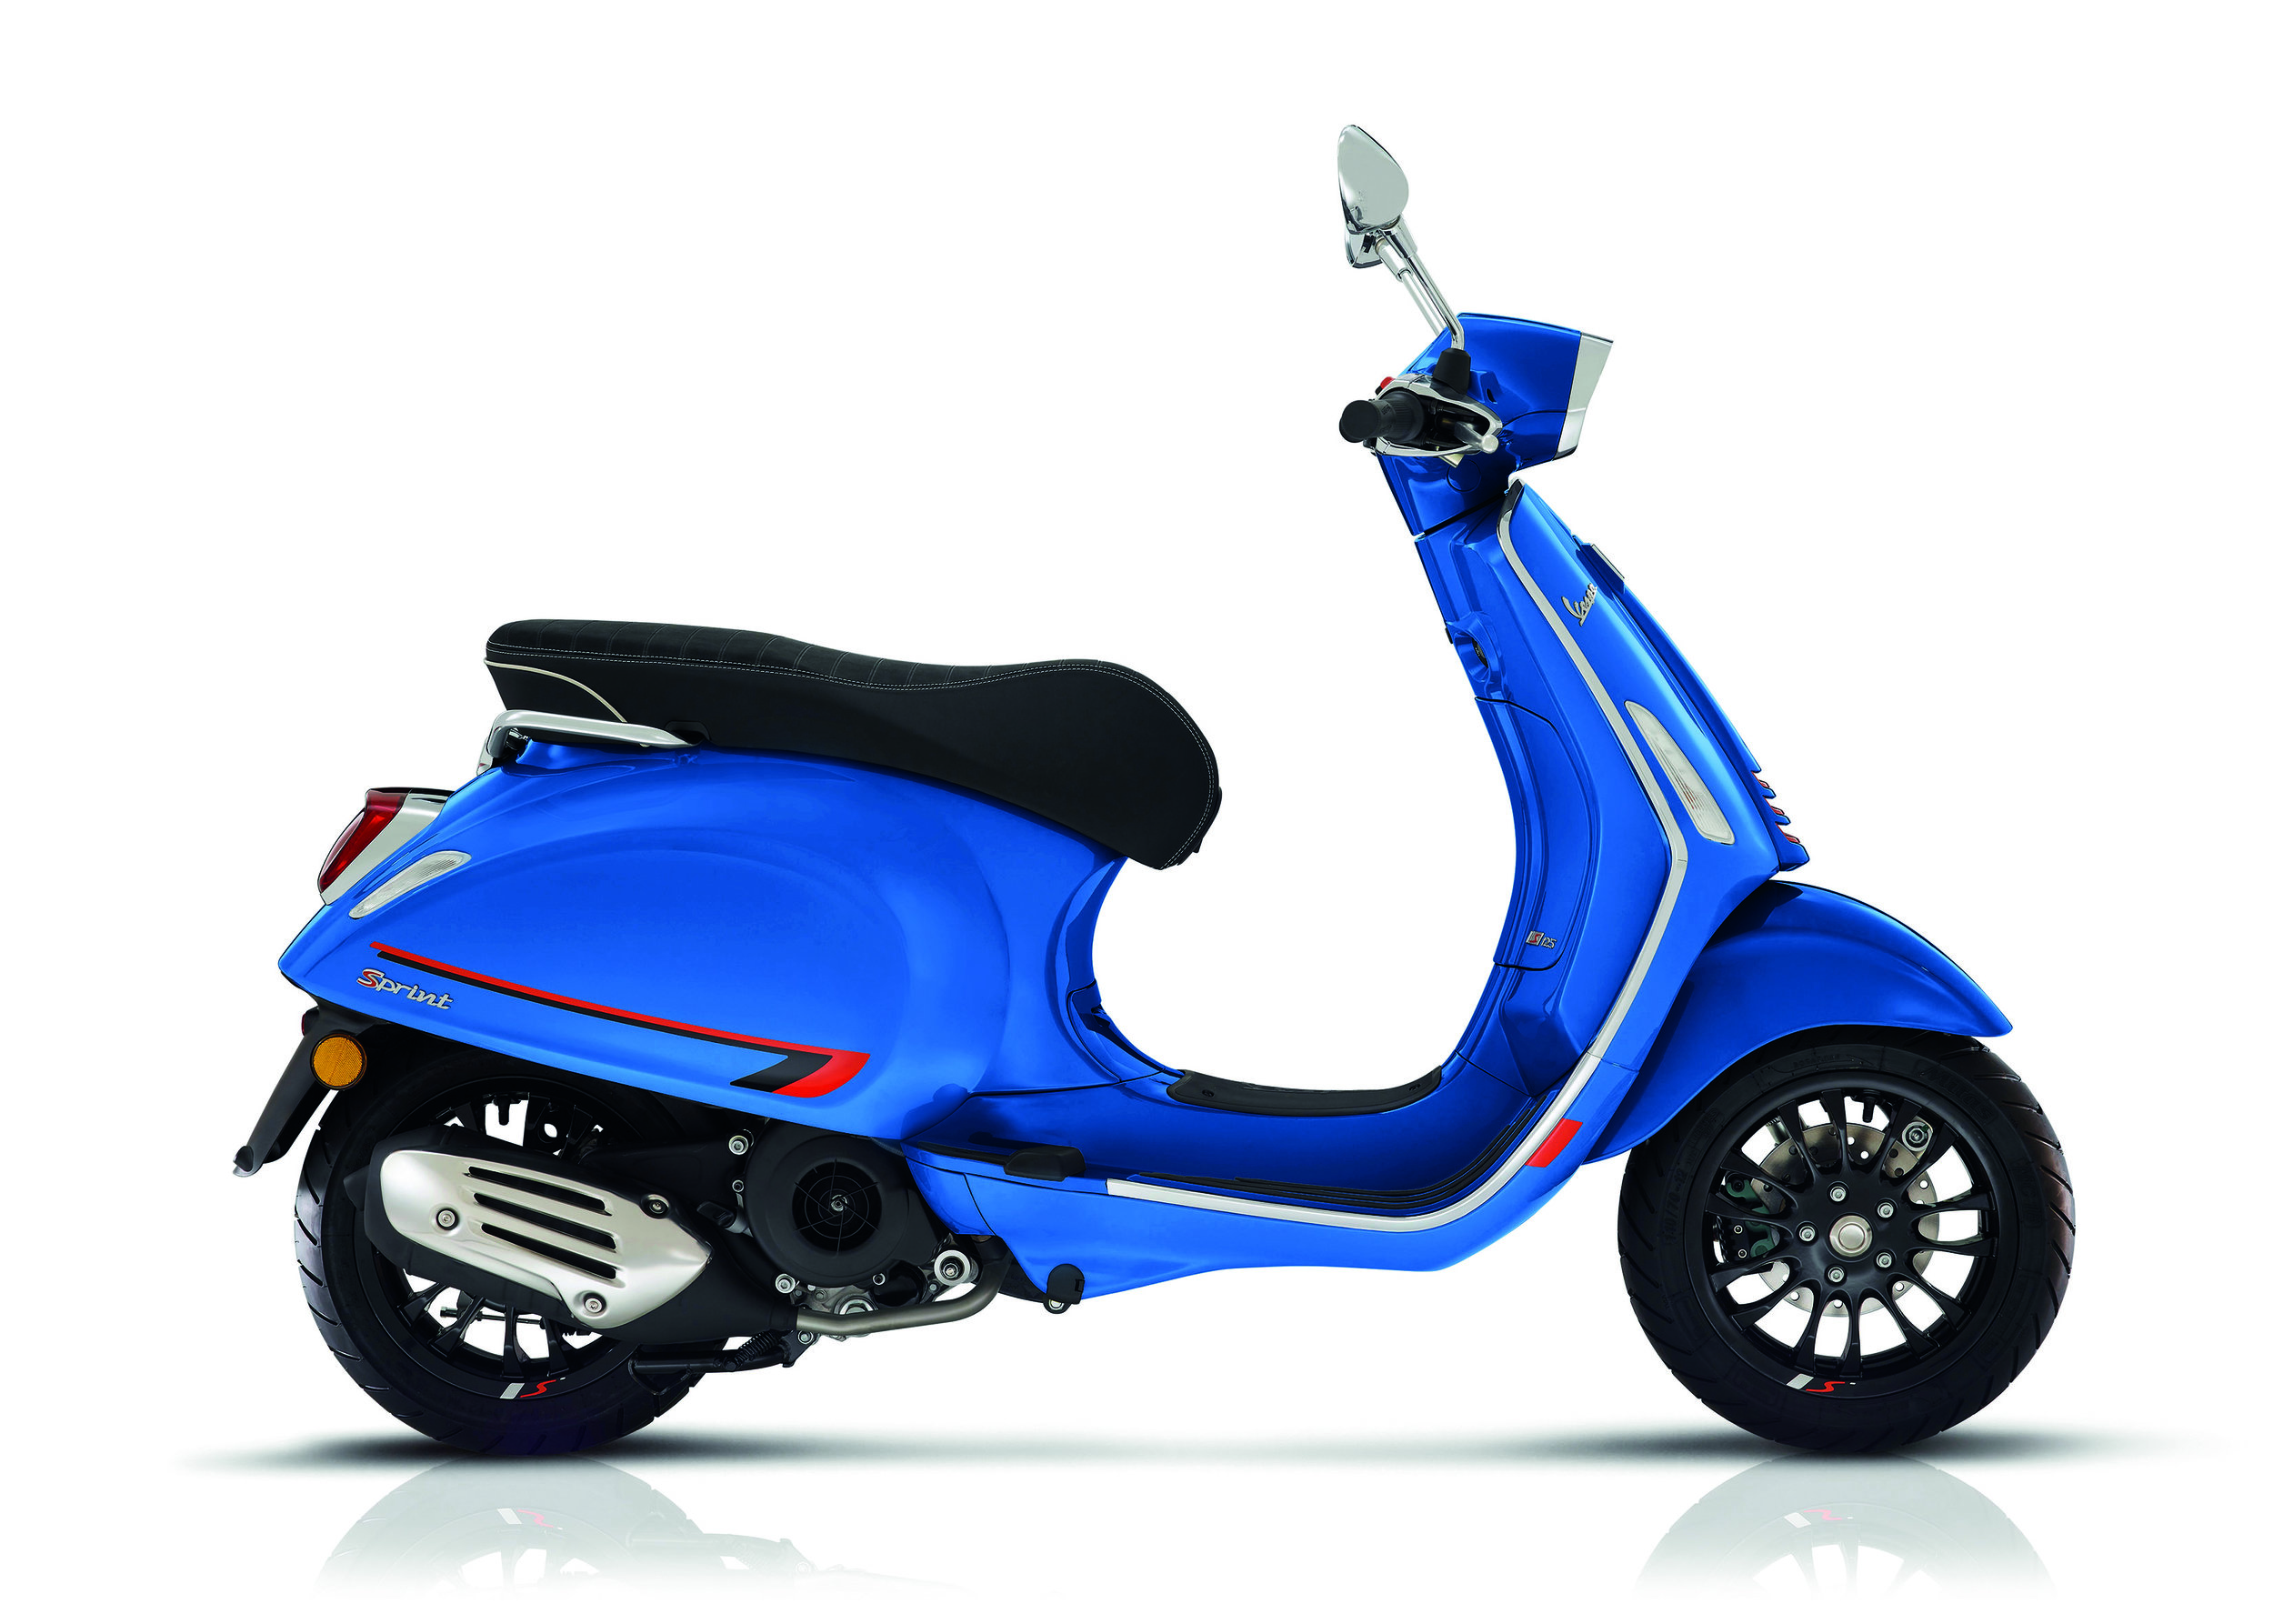 Vespa Sprint S Blu Vivace.jpg